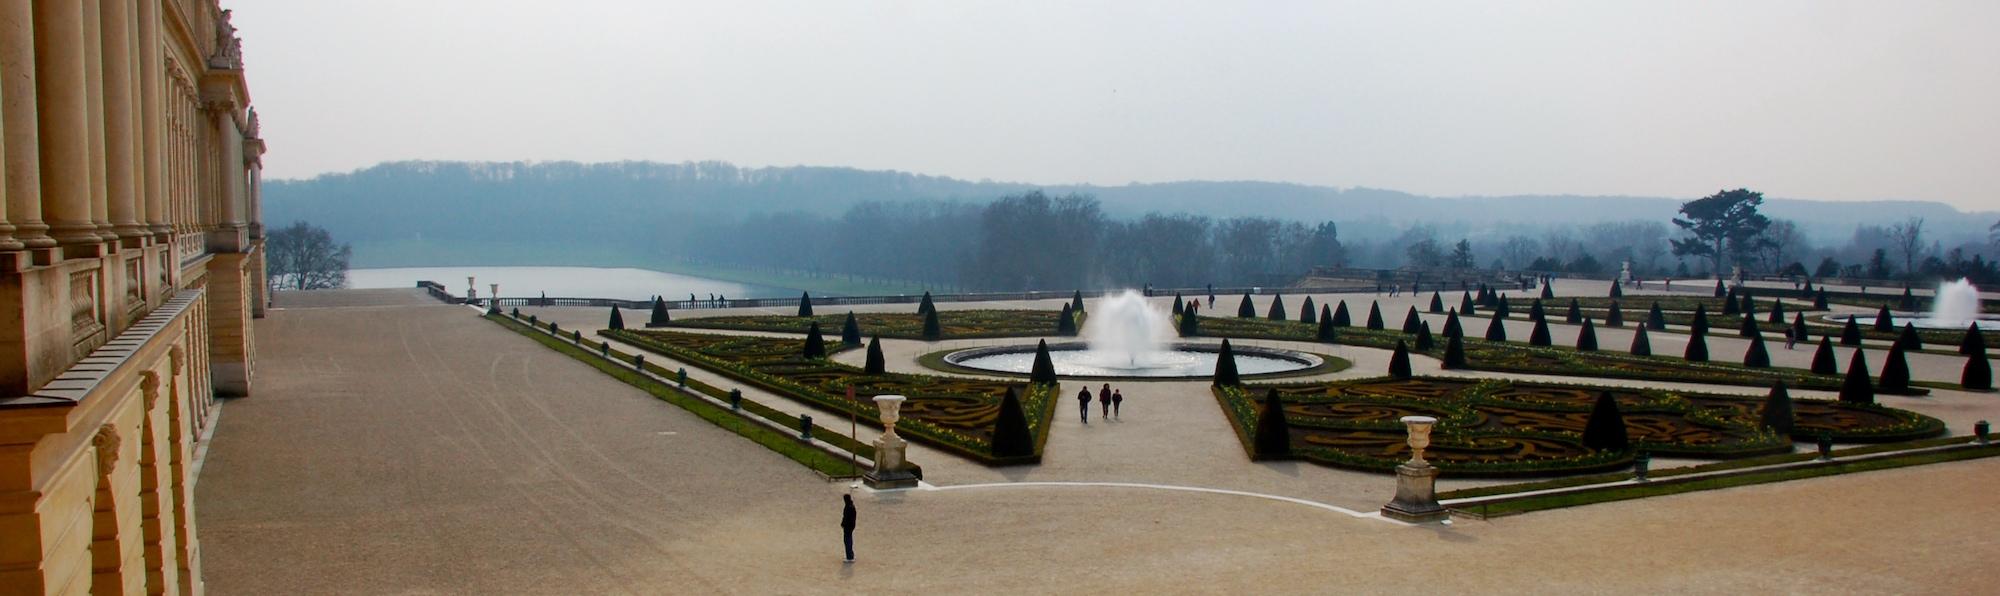 Palacio Versalles Abajo2, París